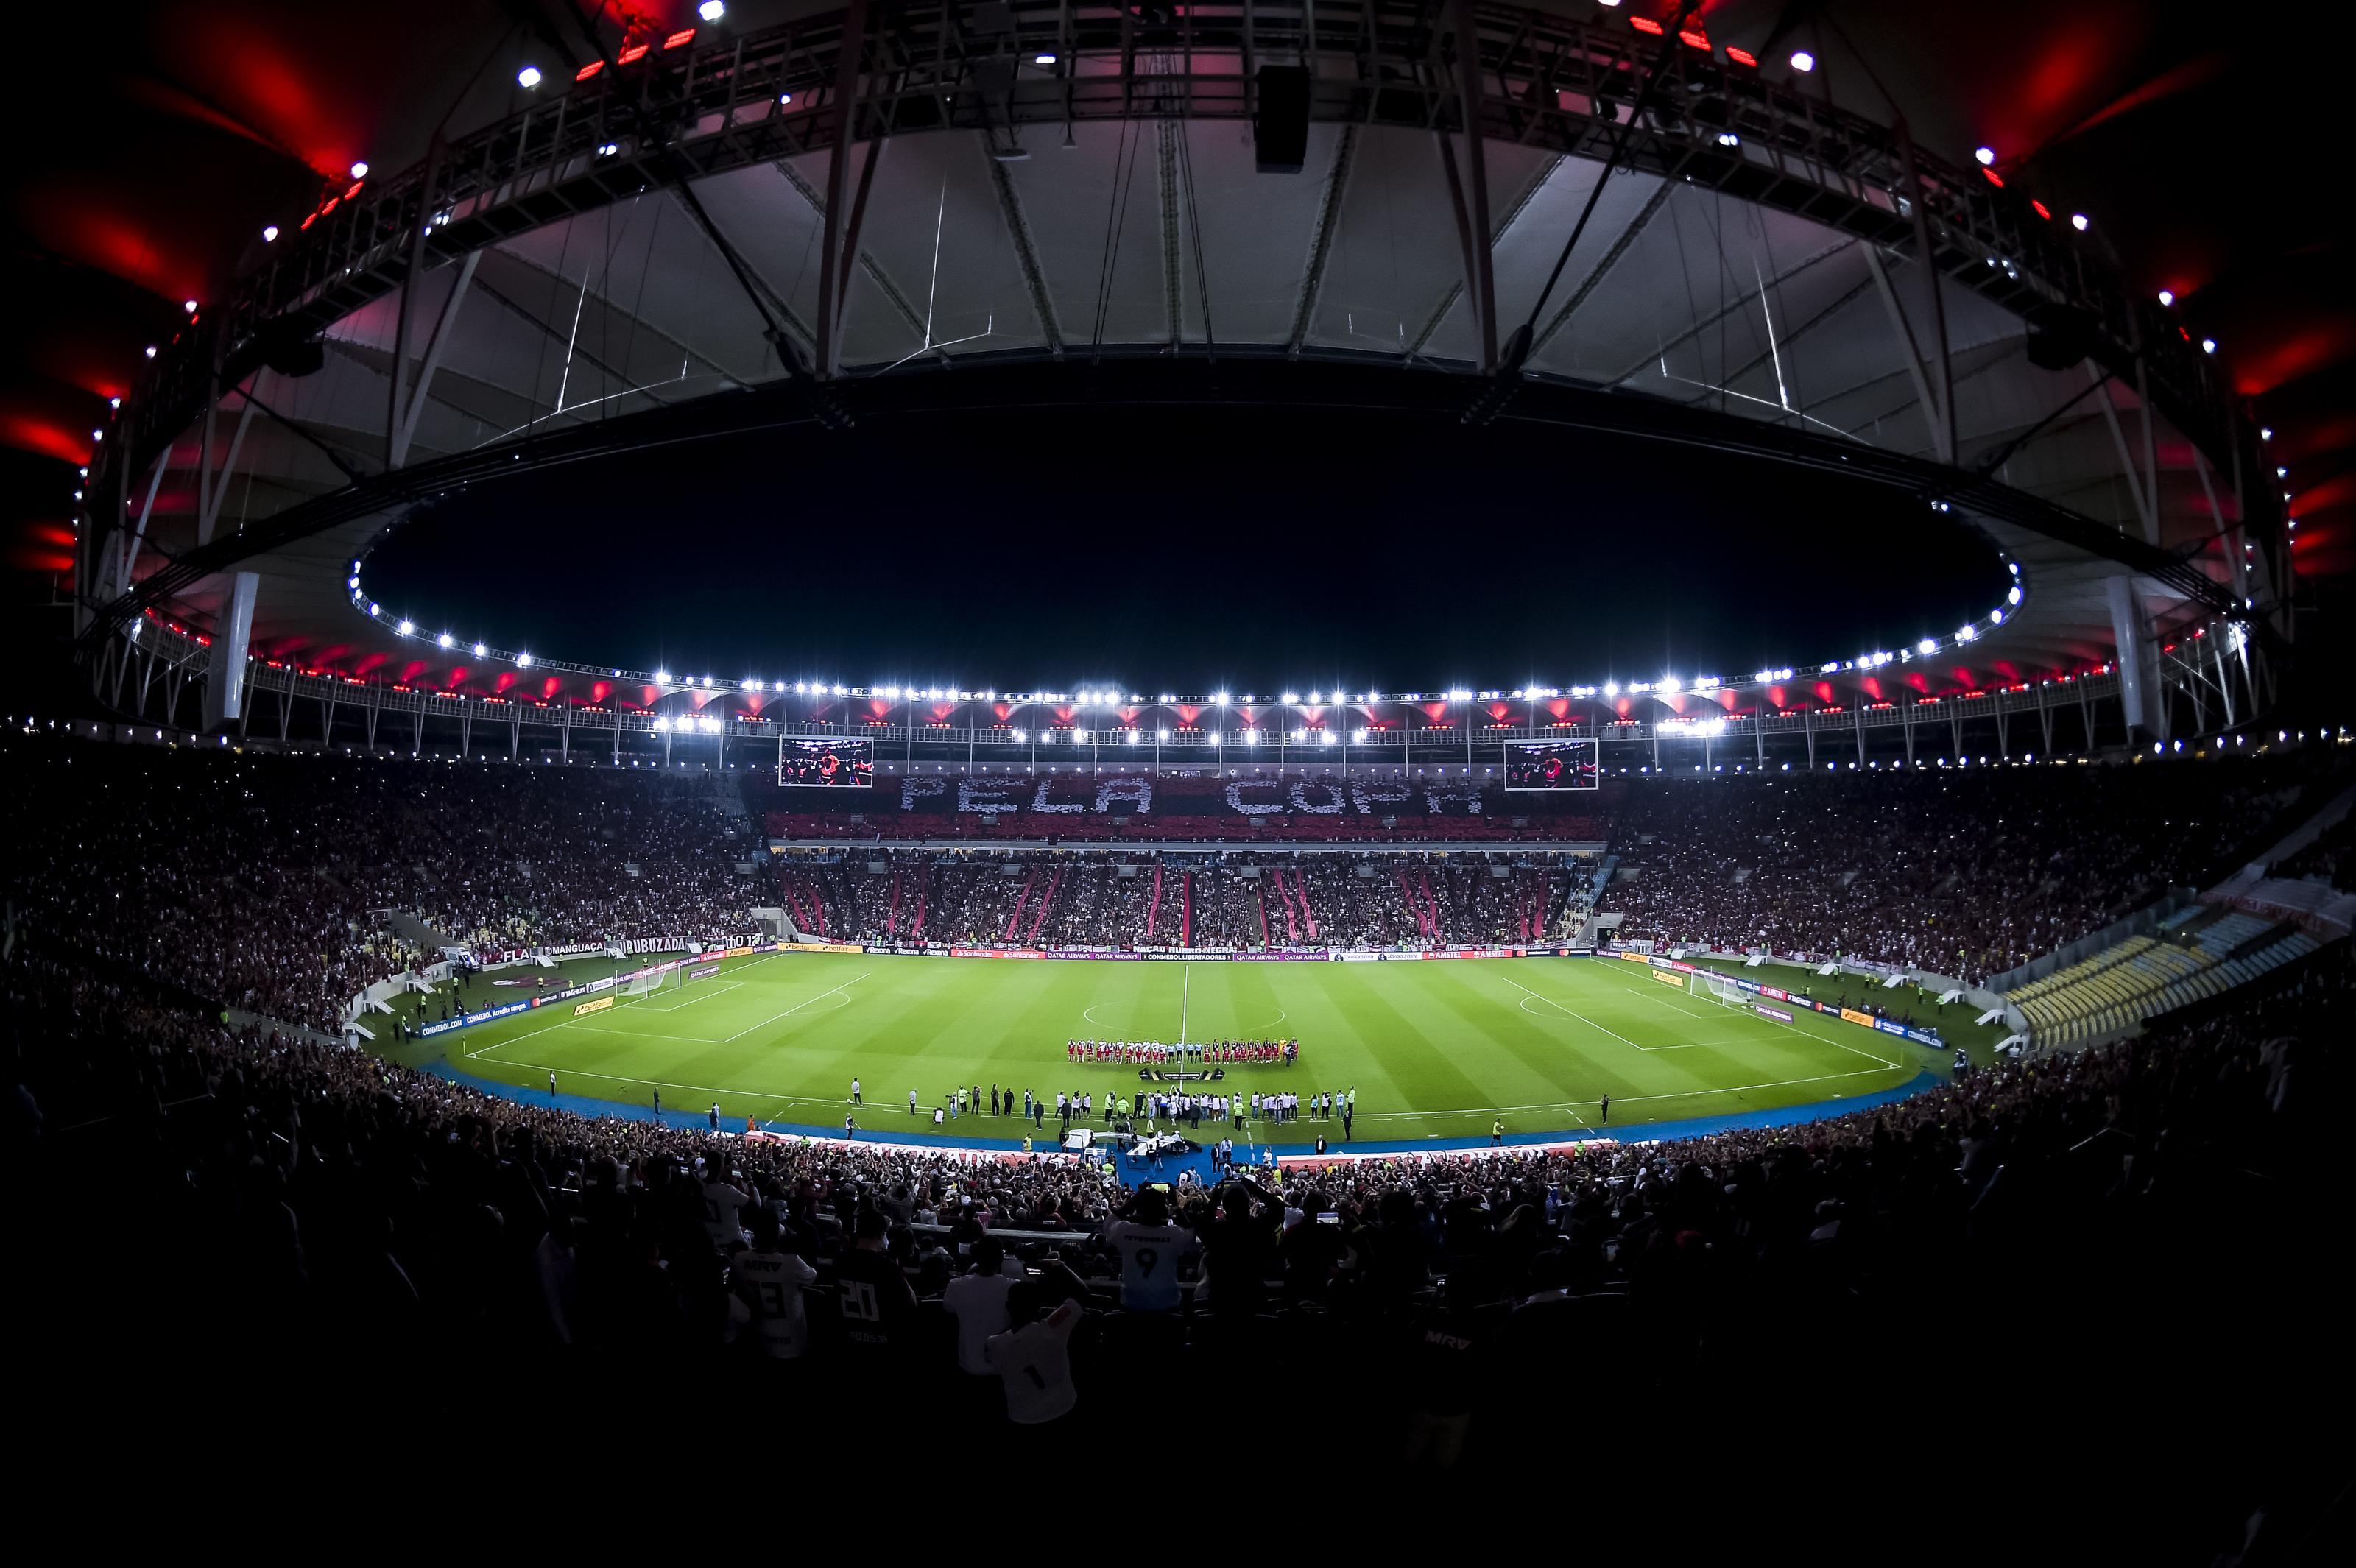 Maracanã - Libertadores